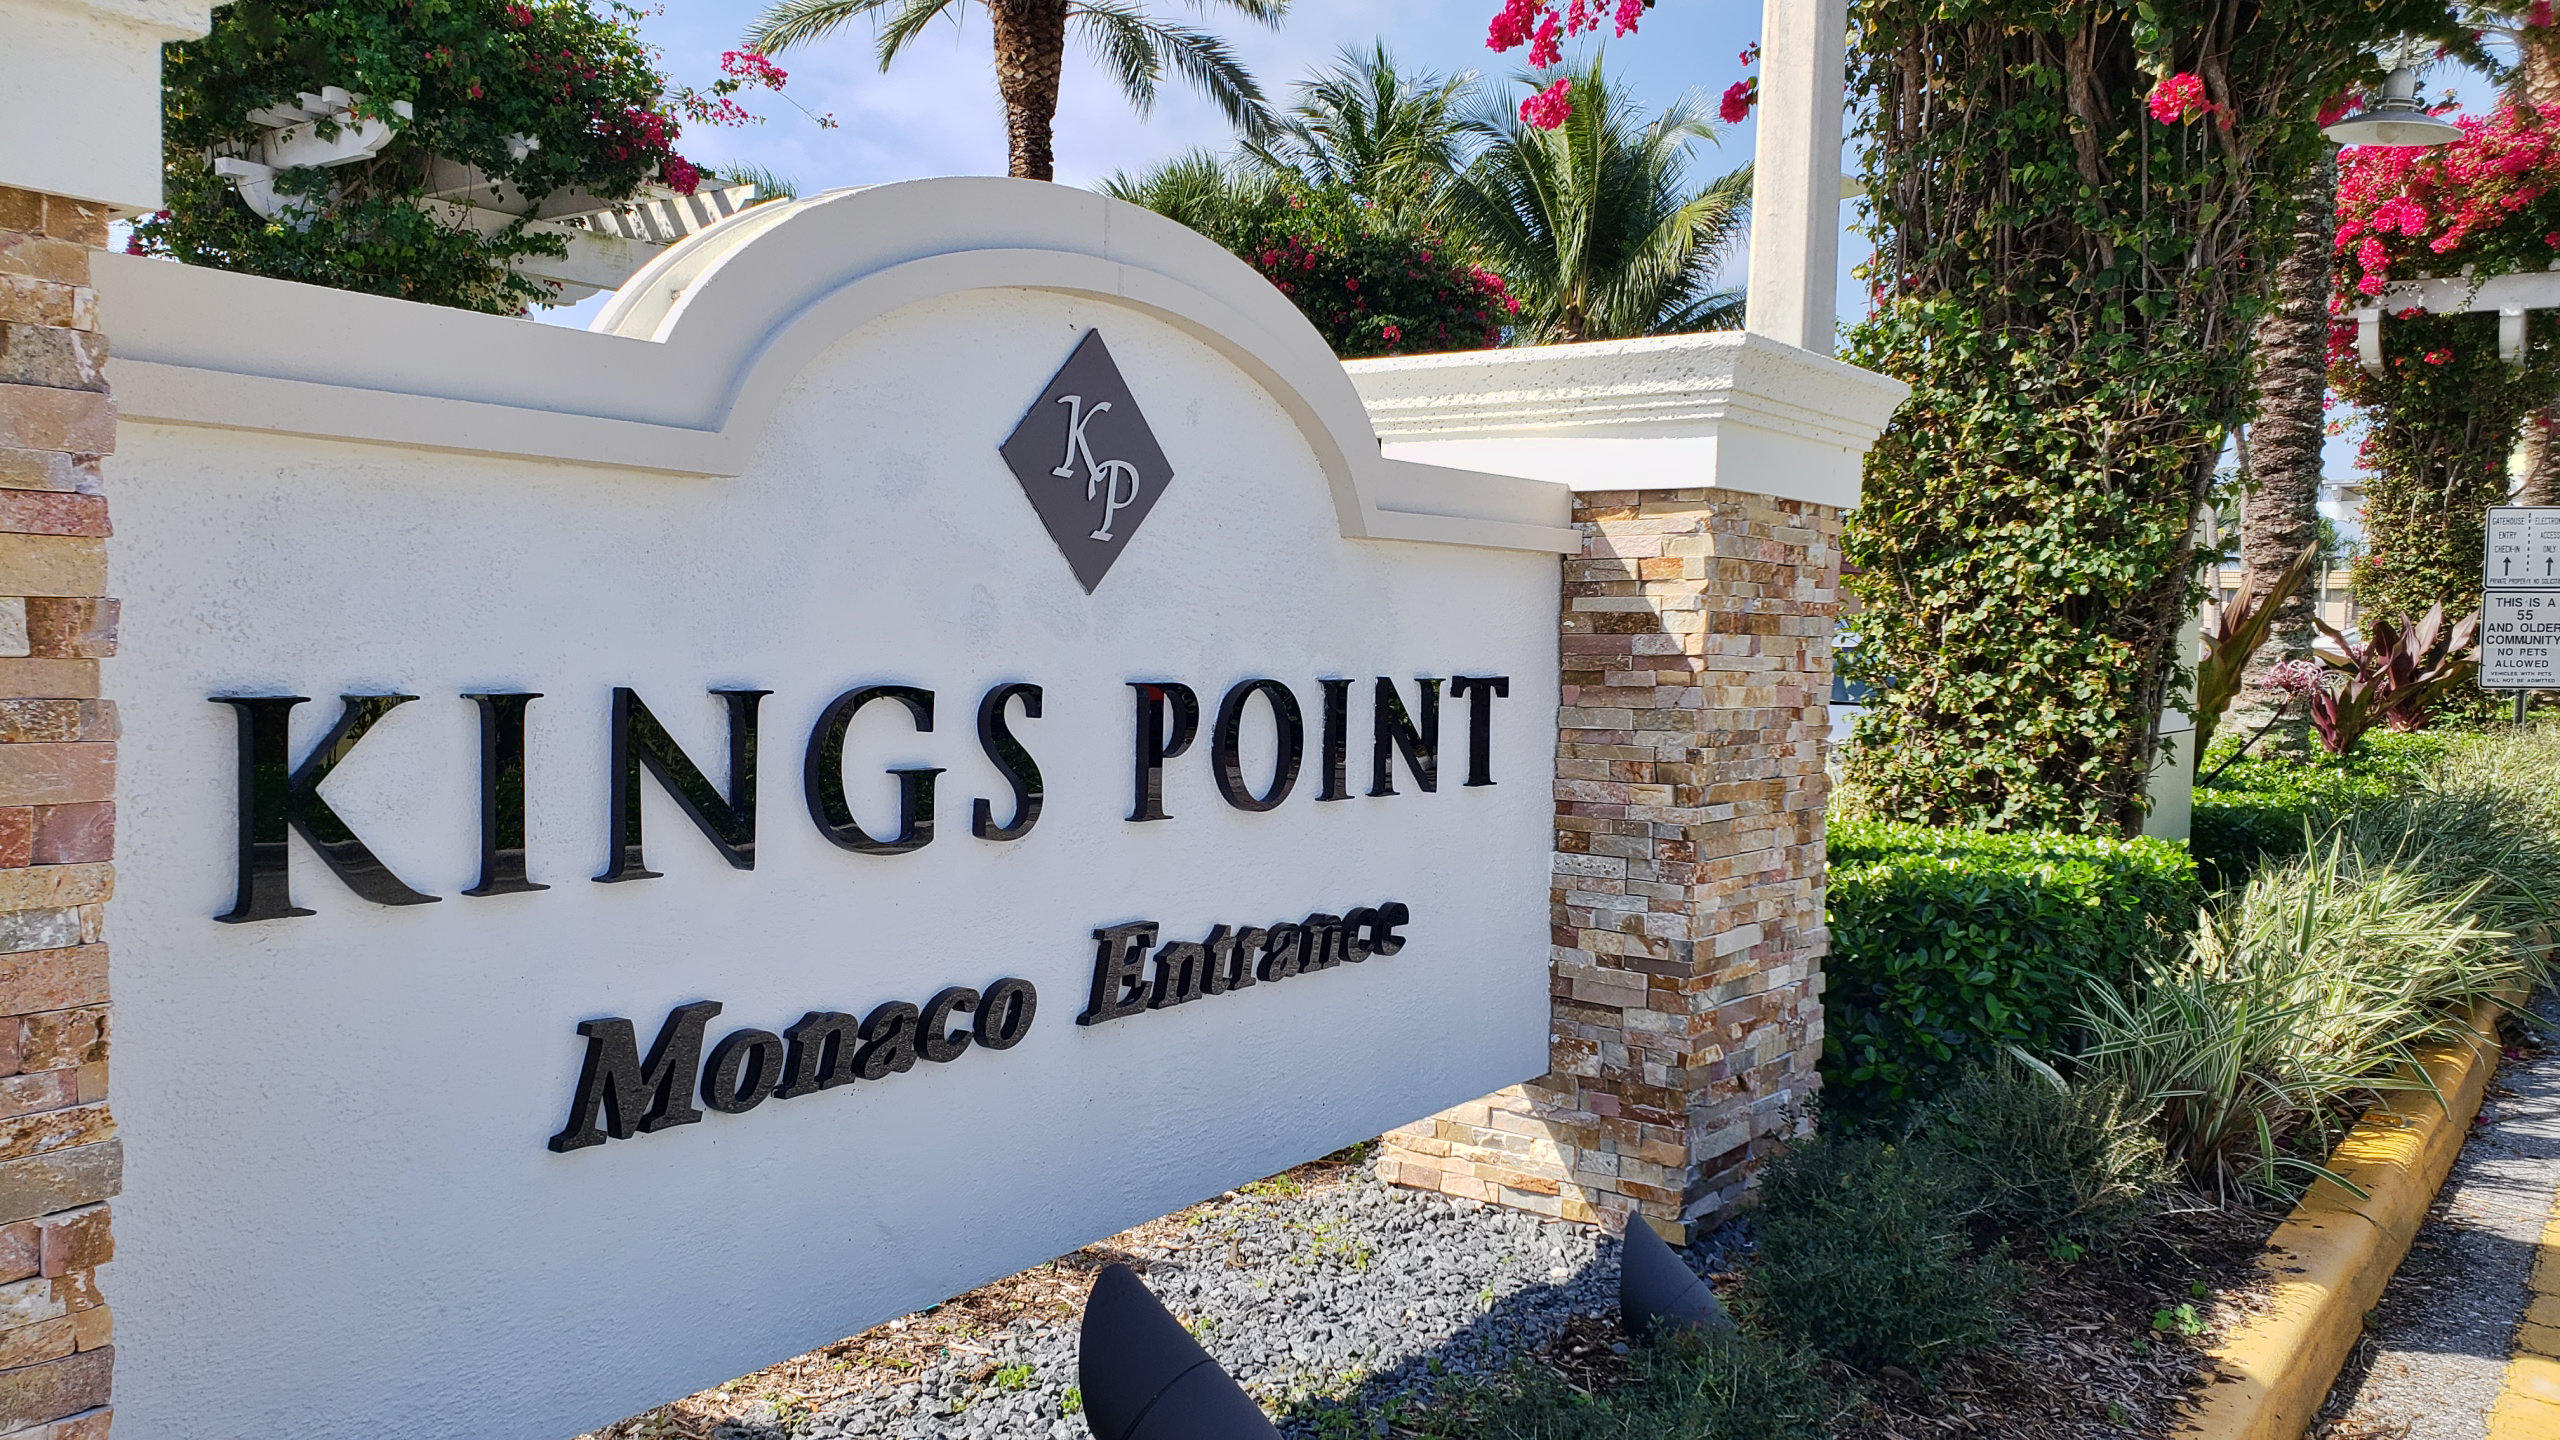 KINGS POINT MONACO CONDOS HOMES